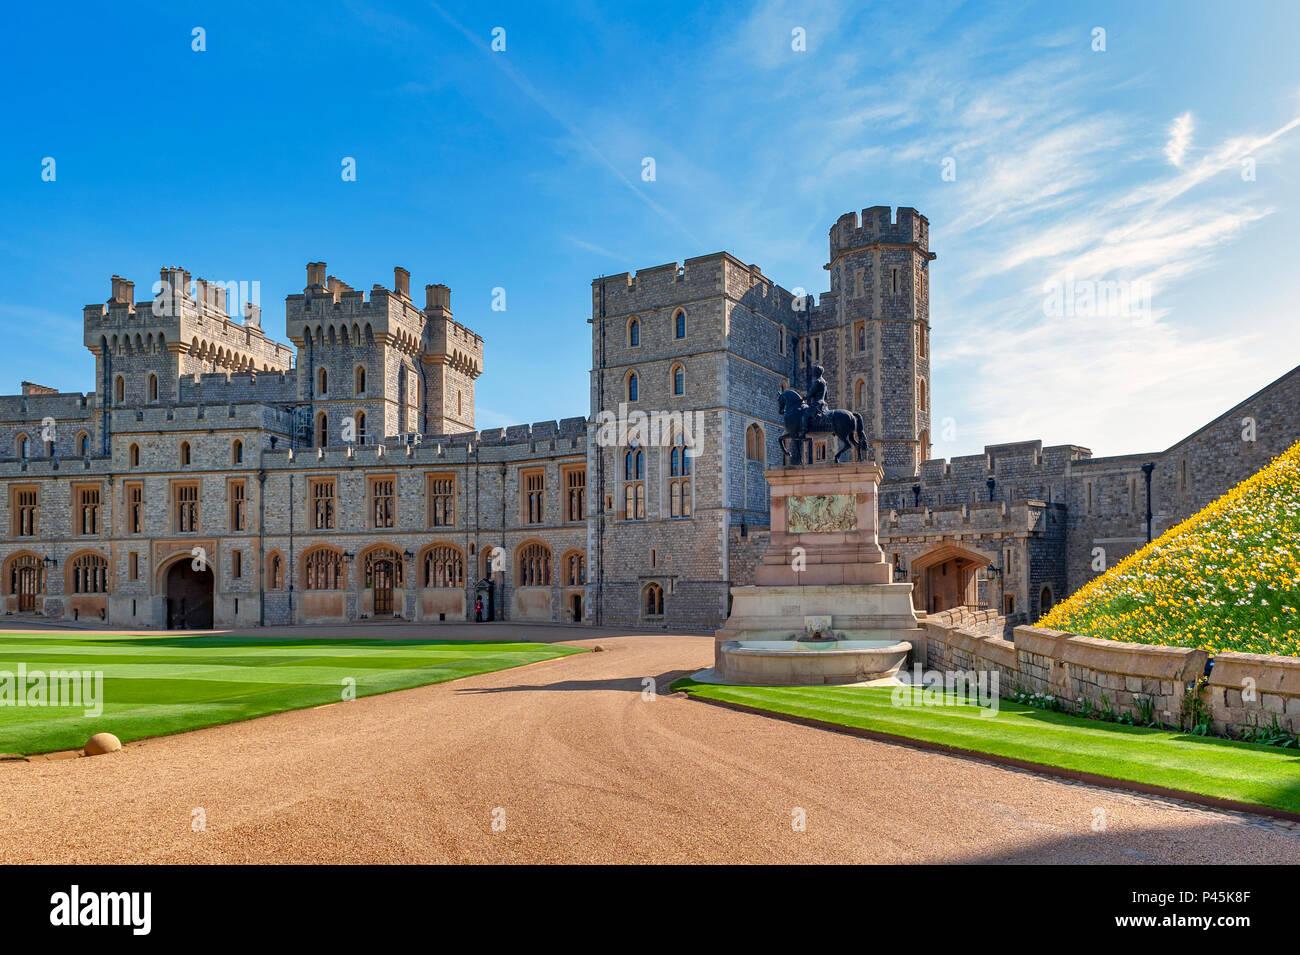 Gruppe von Gebäuden mit König Charles II Statue am oberen Ward und das Viereck von Windsor Castle, eine königliche Residenz im Windsor in Großbritannien Stockbild